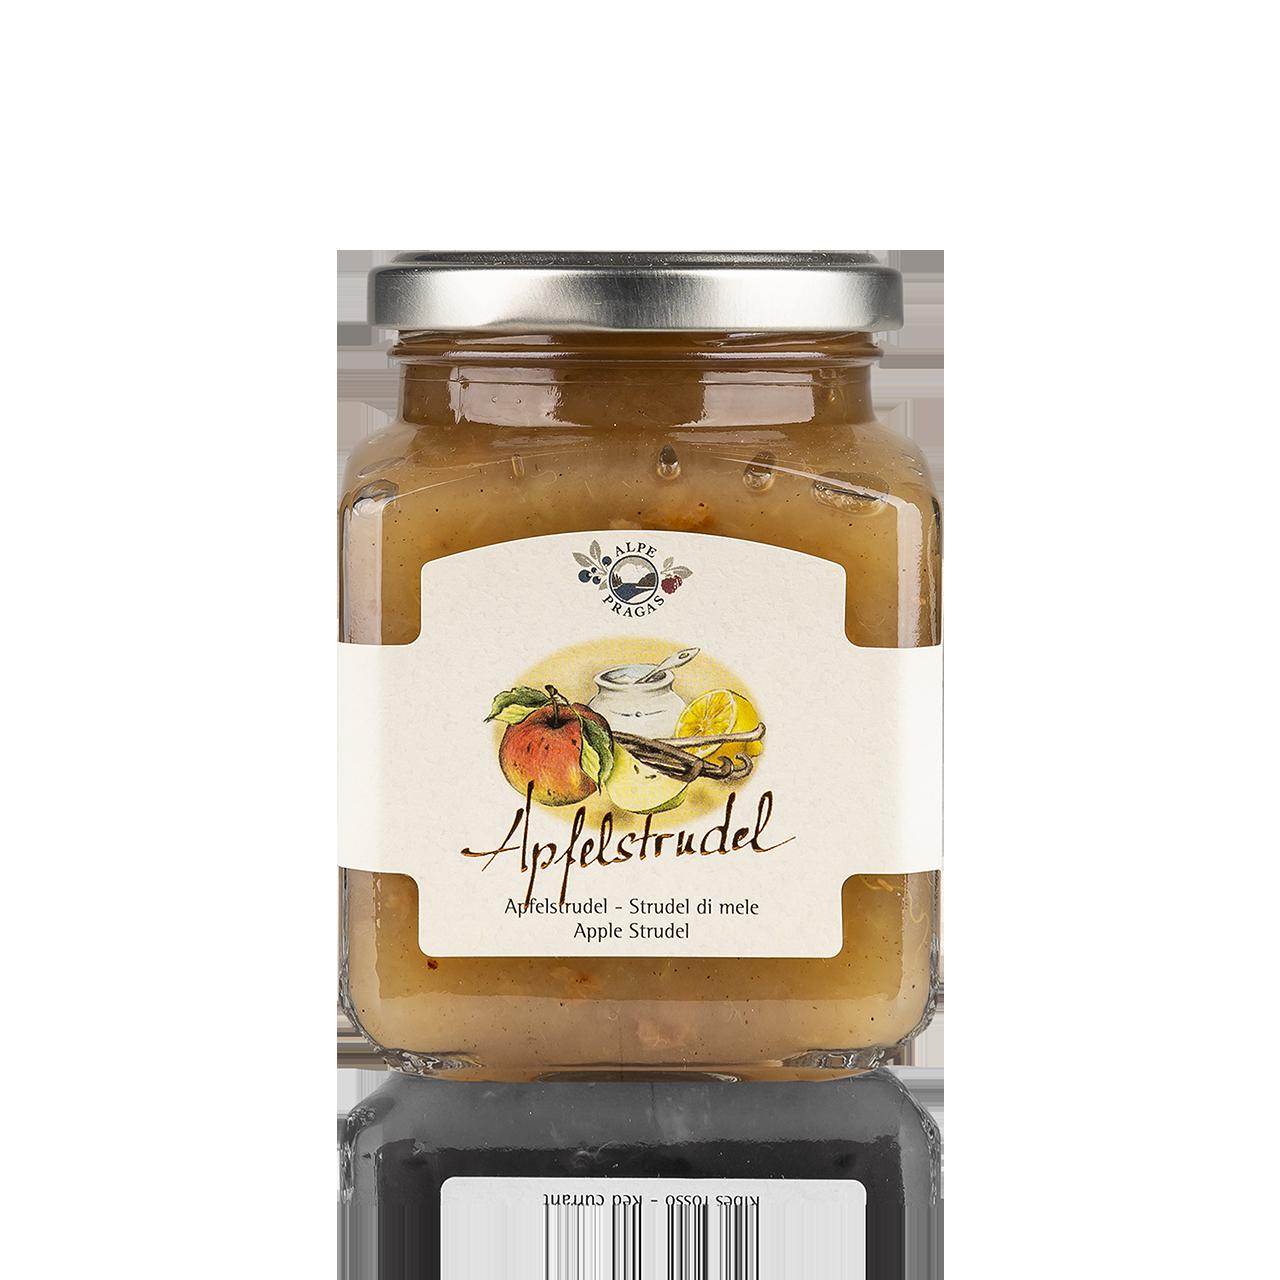 Apfelstrudel Fruchtaufstrich Apfelstrudel 335g - 75% Frucht